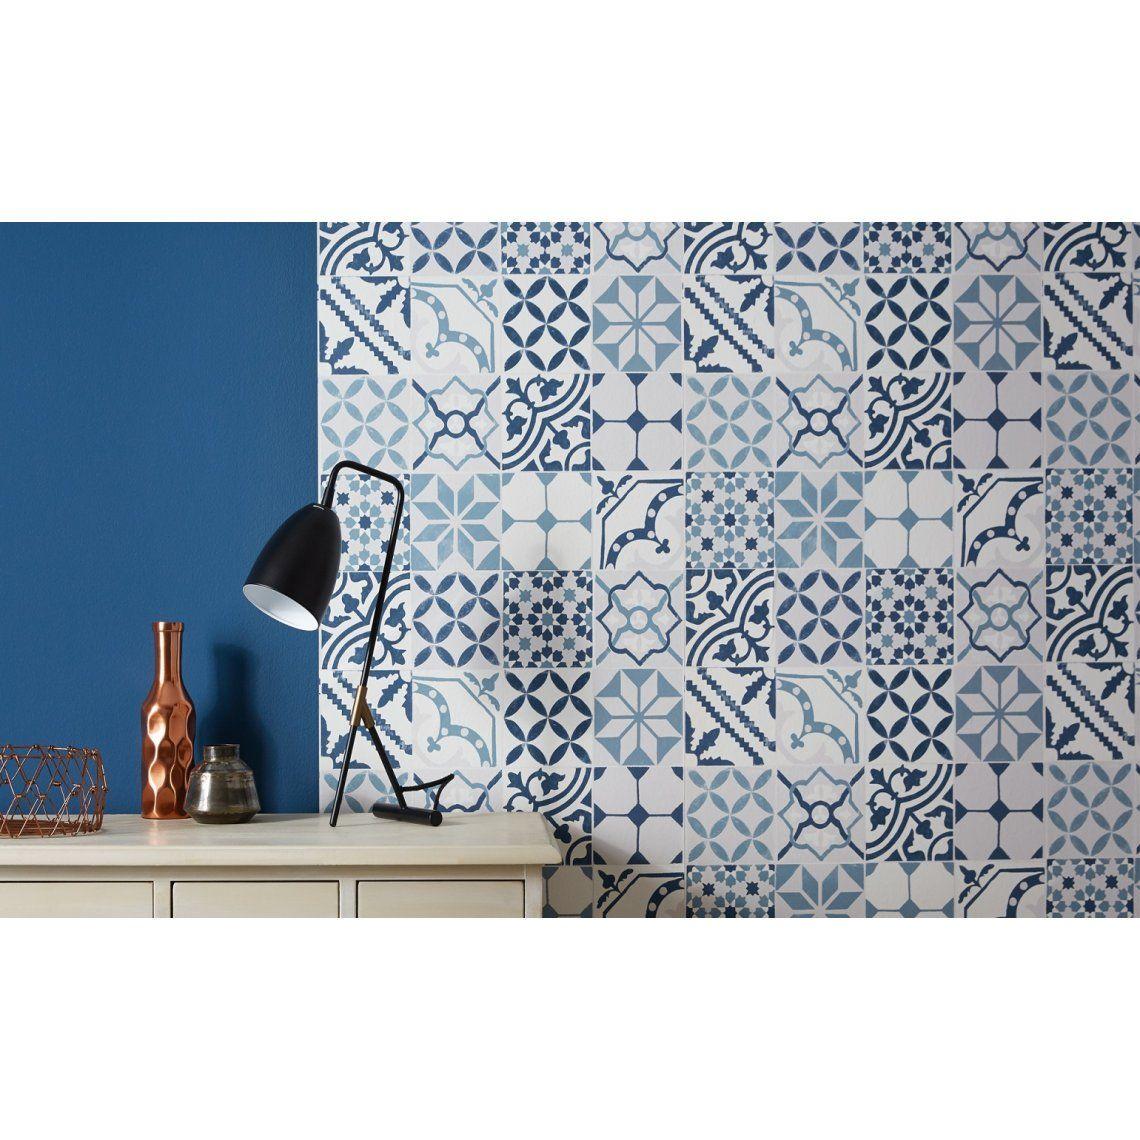 papier peint carreaux vinyle sur intiss imitation carreaux de ciment bleu peinture et. Black Bedroom Furniture Sets. Home Design Ideas